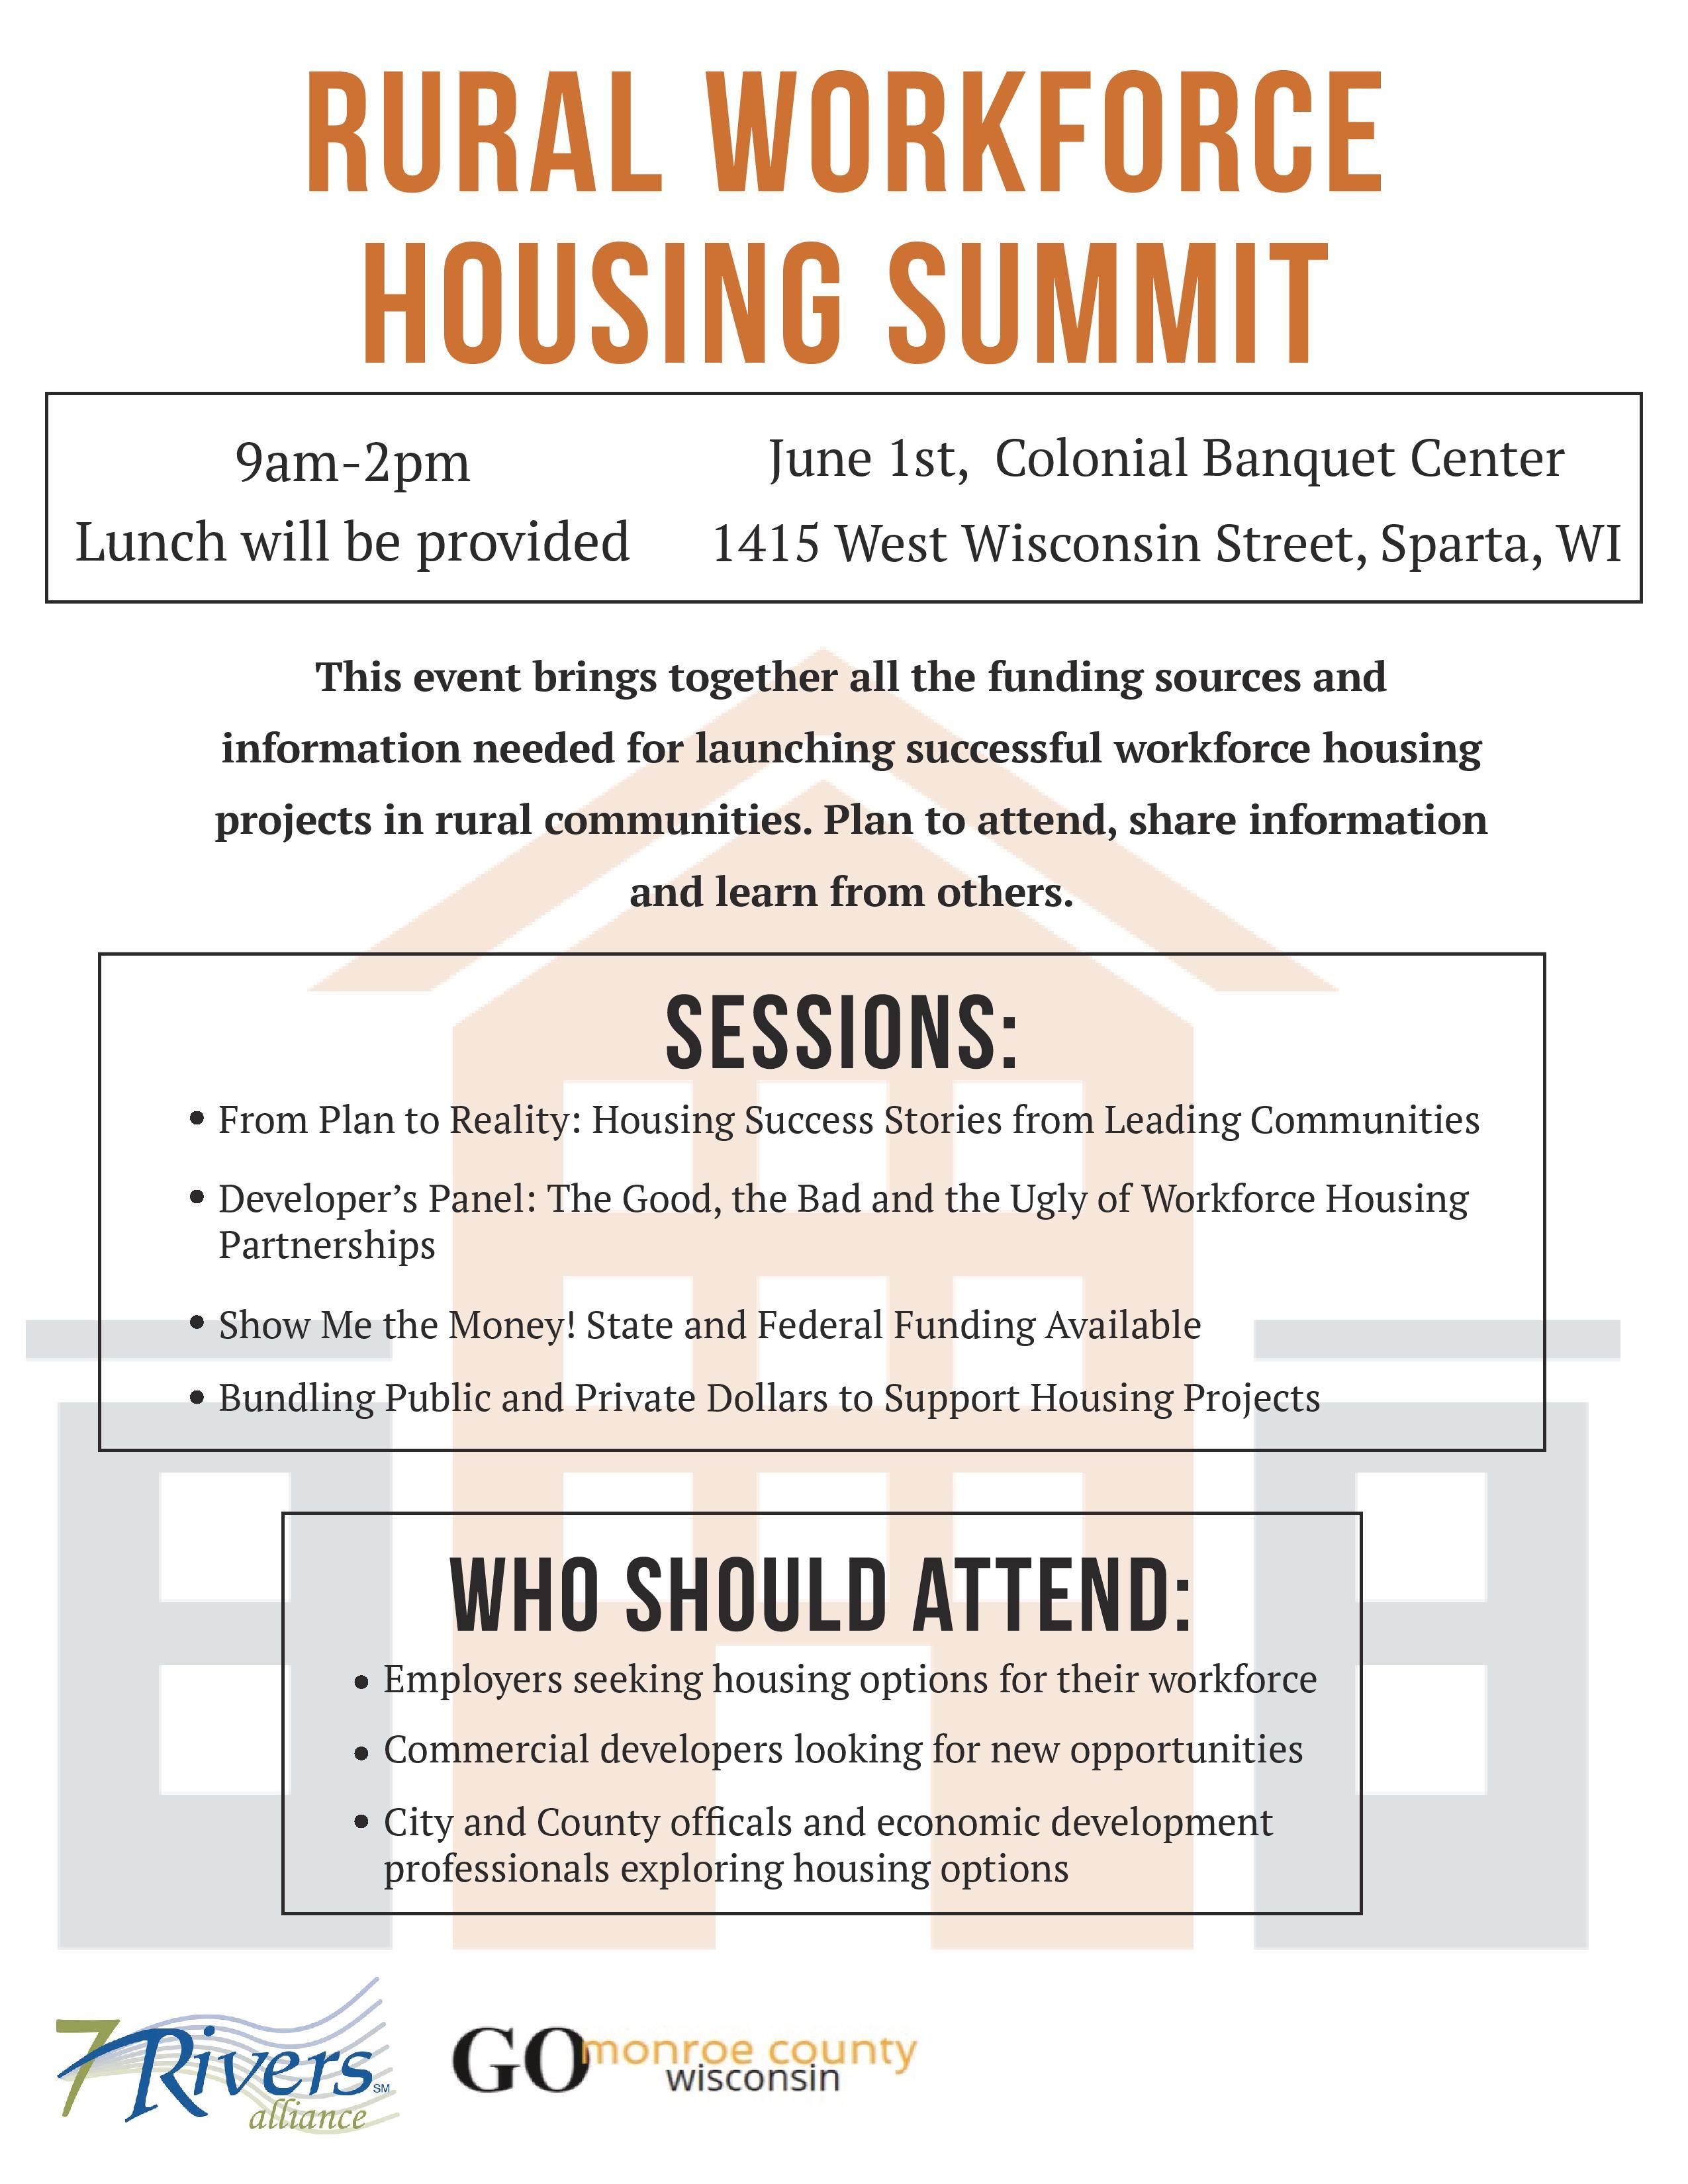 Rural Workforce Housing Summit